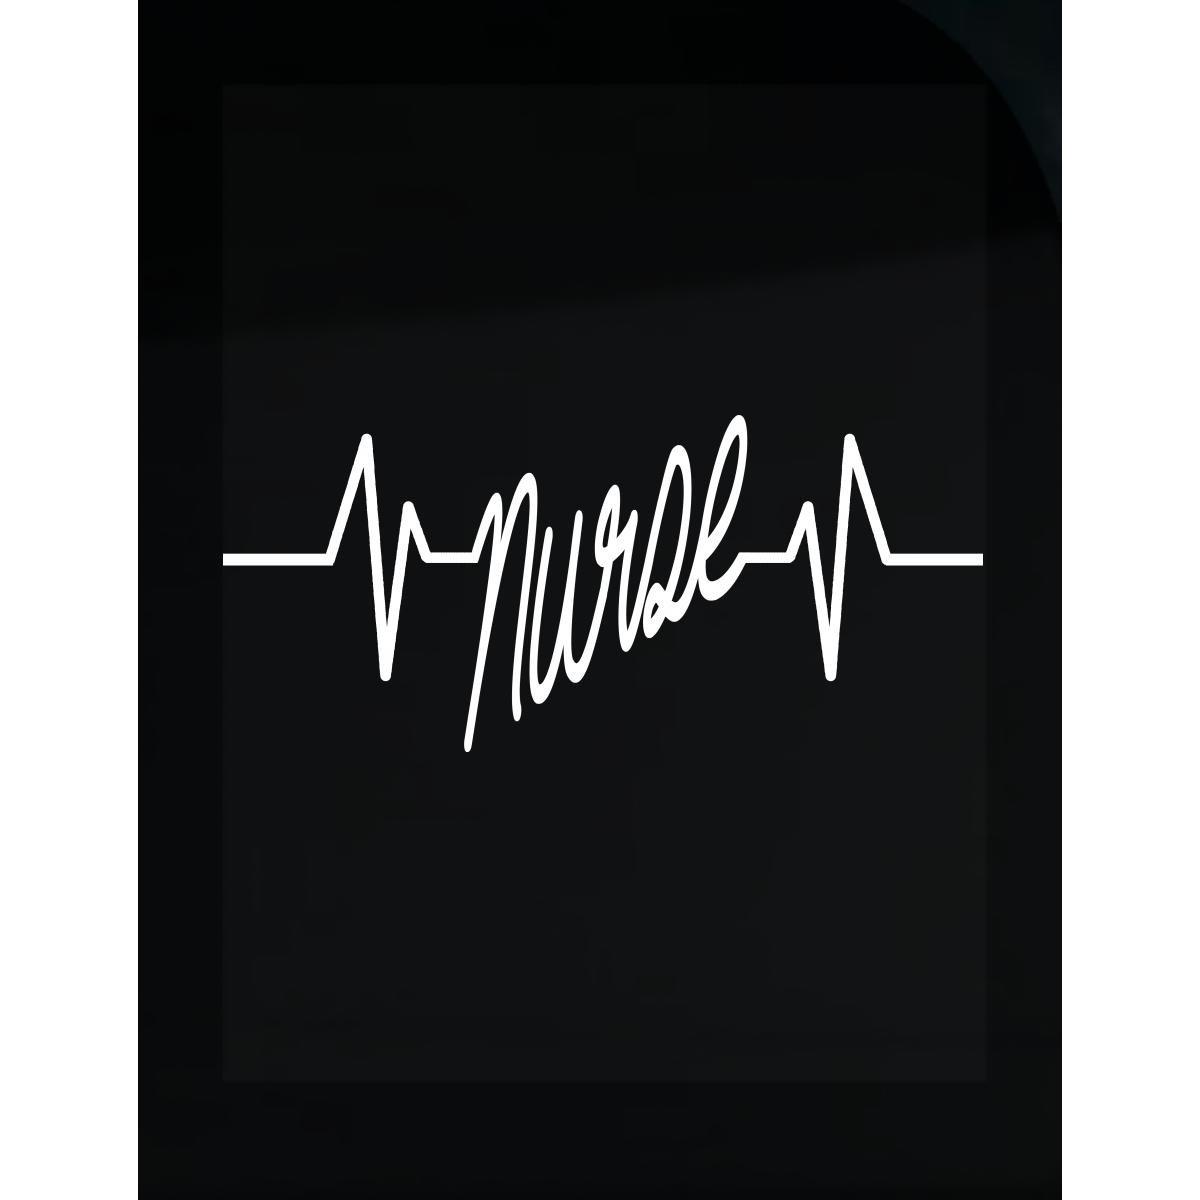 Custom Design By Jcluinc | Nurse Heartbeat C - Sticker